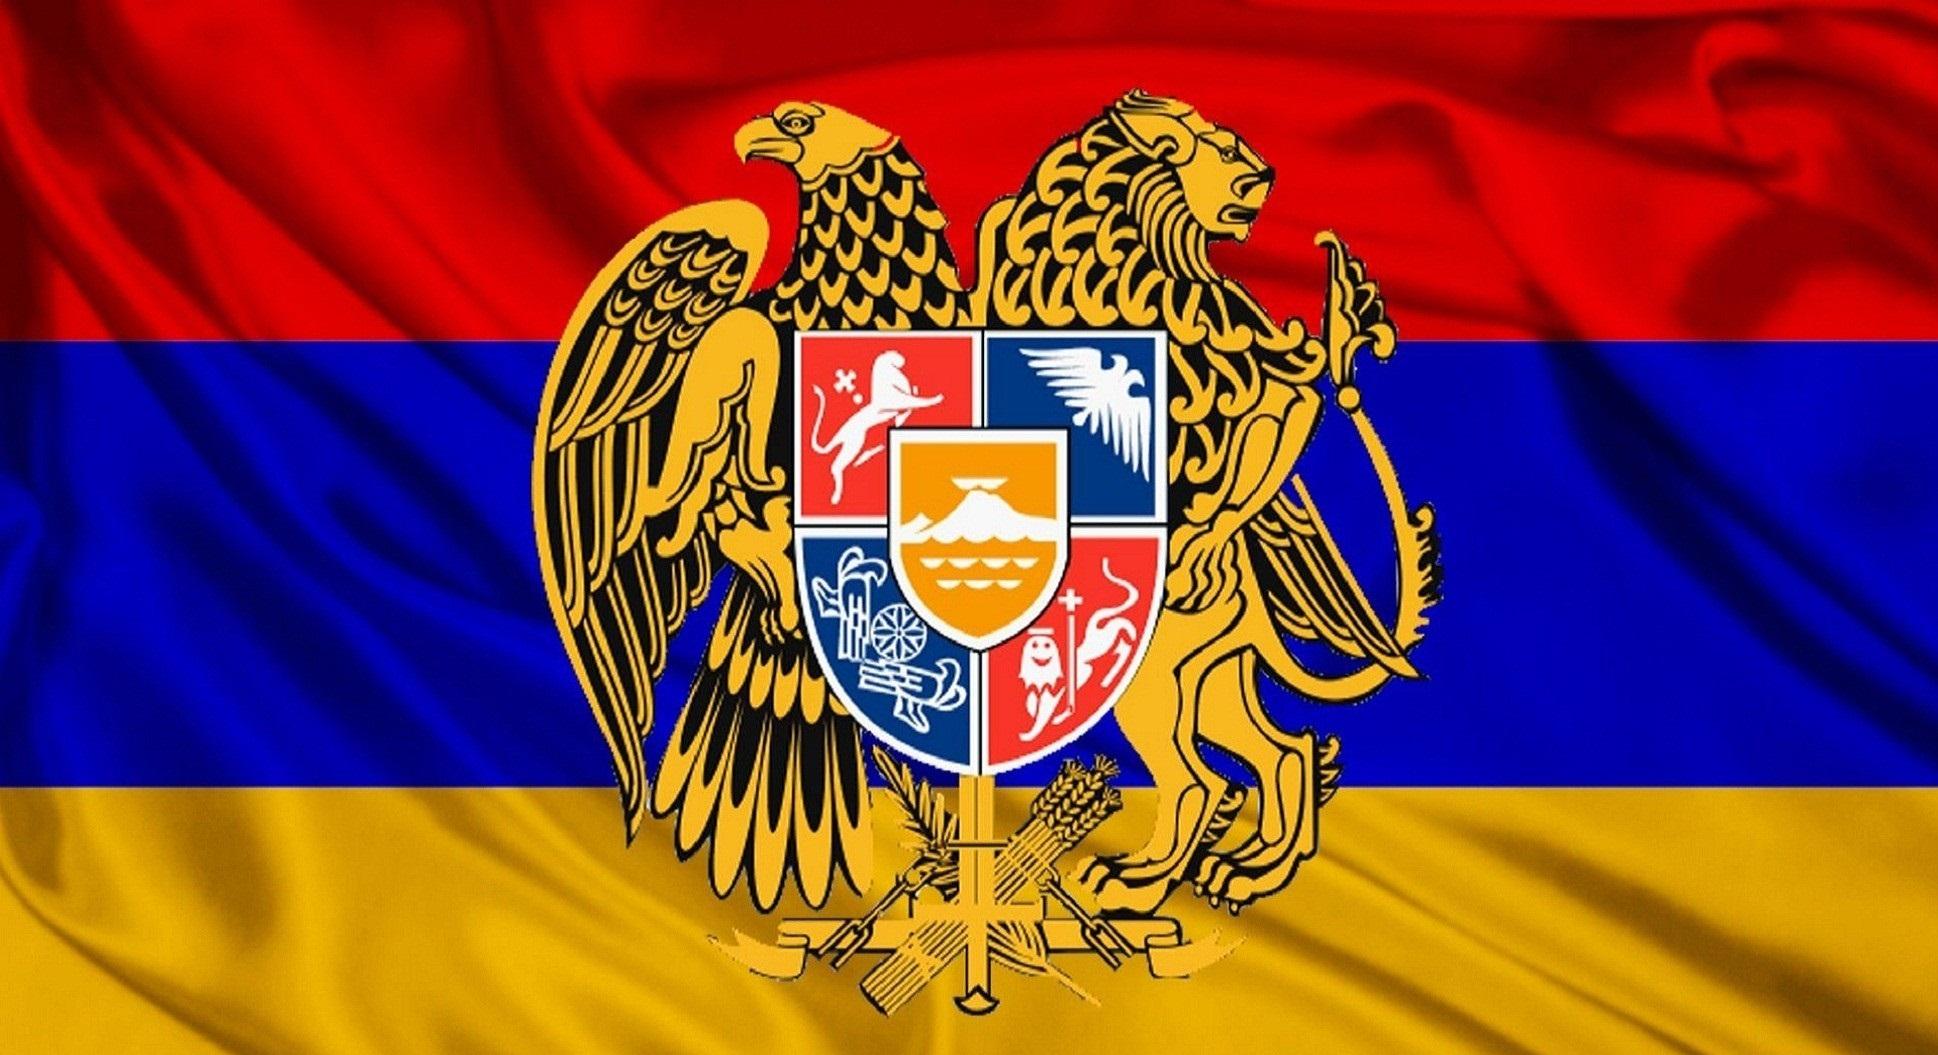 Проазднование 23 февраля в Армении